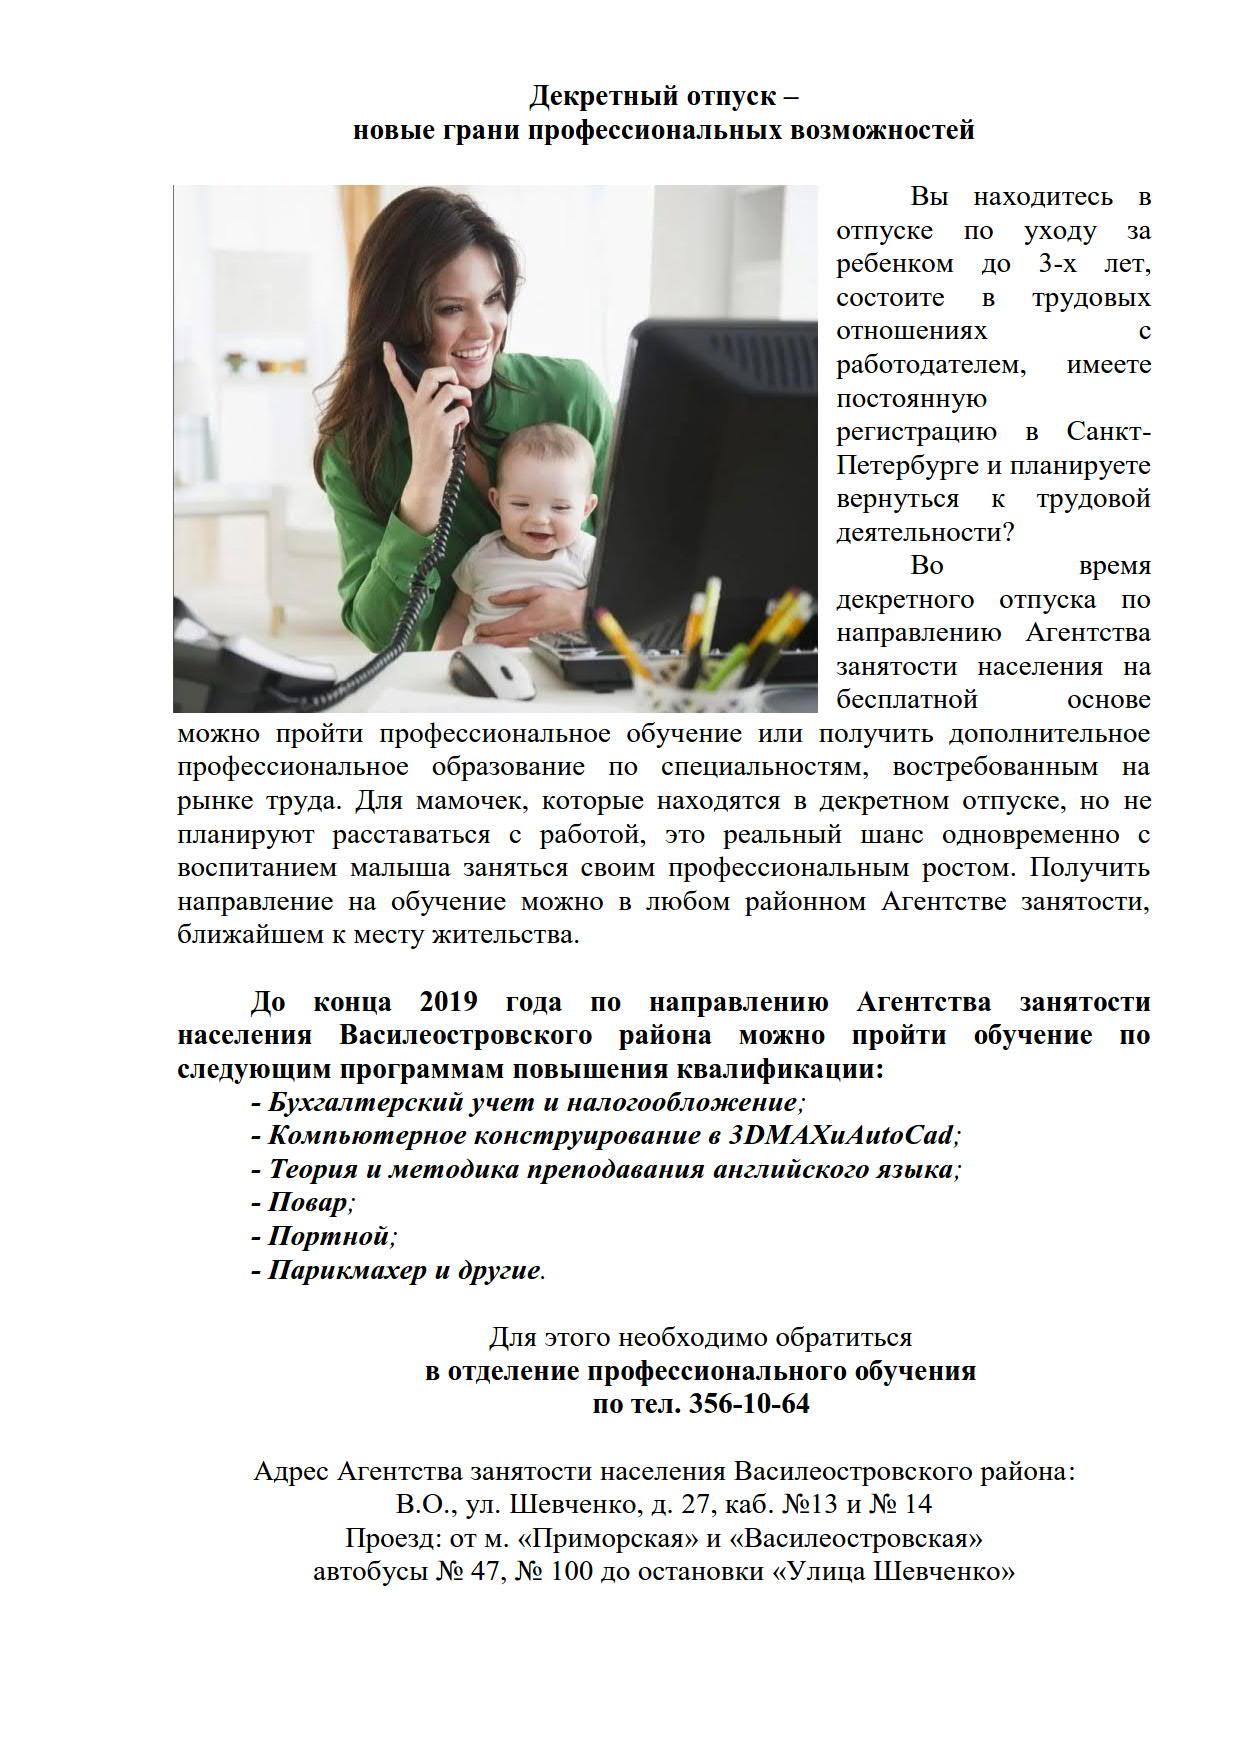 29.08.2019 Мамочки-обучение_1